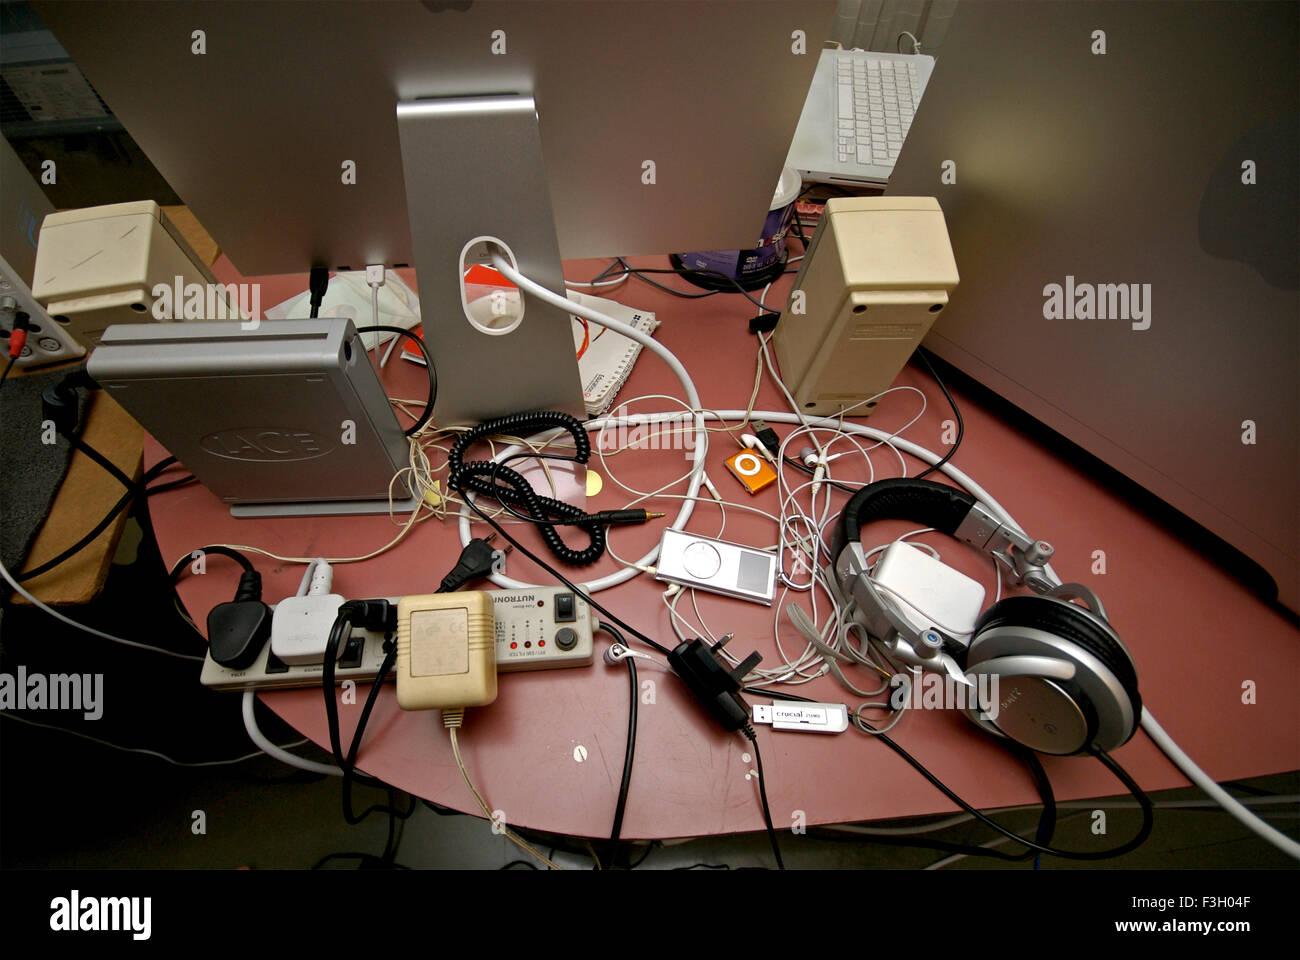 Goffo scrivania caotica di fotografo pigro ; Mumbai Bombay ; Maharashtra ; India Immagini Stock